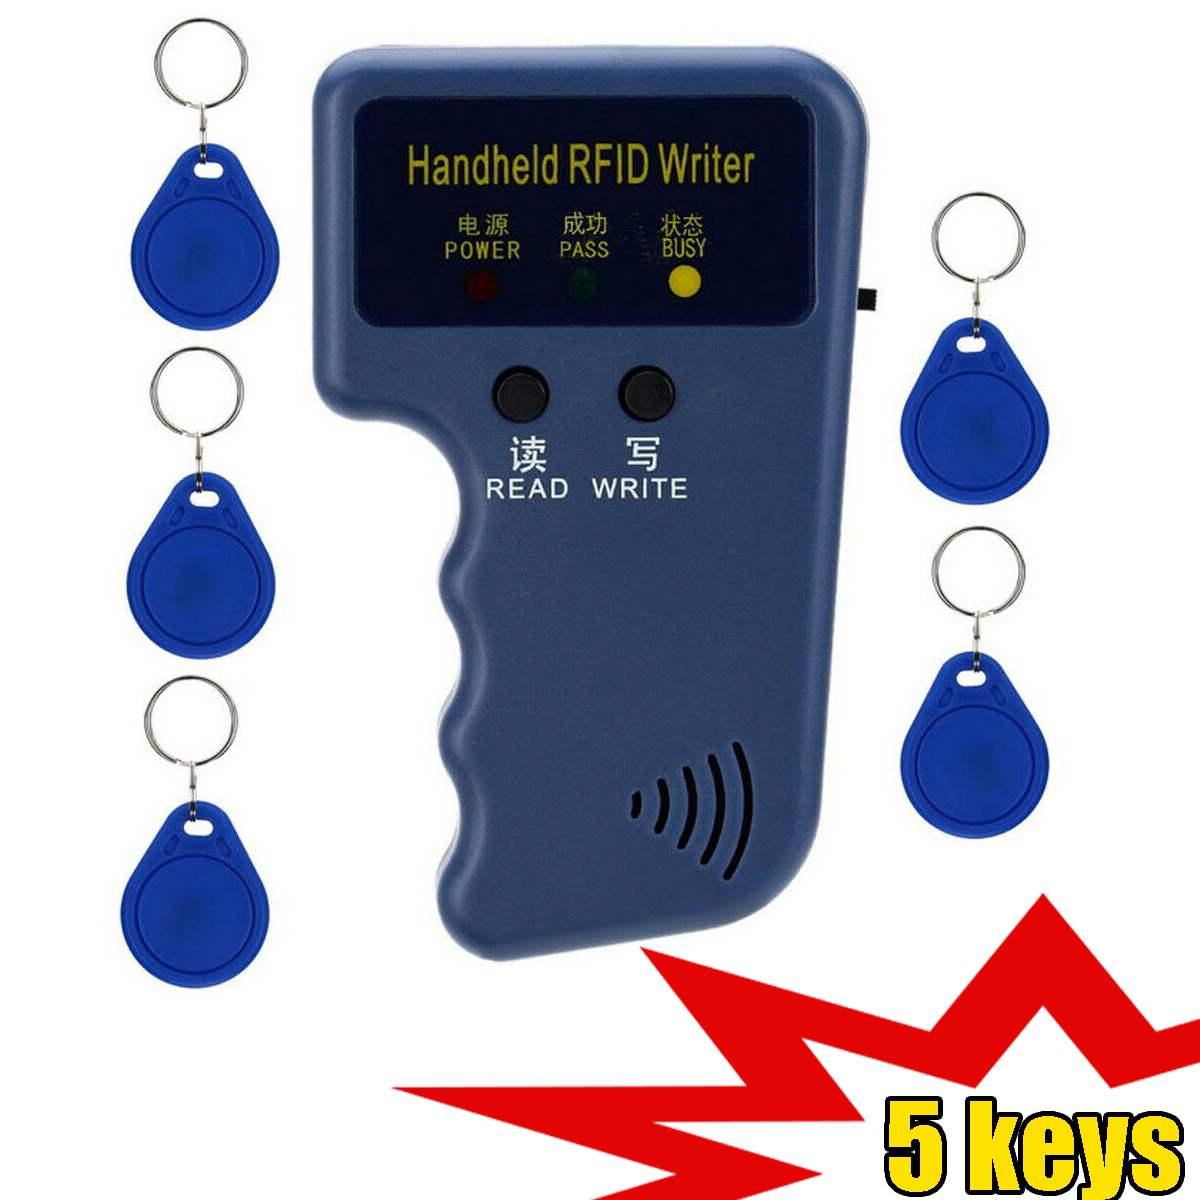 Em4100 125 khz handheld rfid escritor programador portátil copiadora t5577 5200 em4305 replicável id chaveiro cartão de identificação